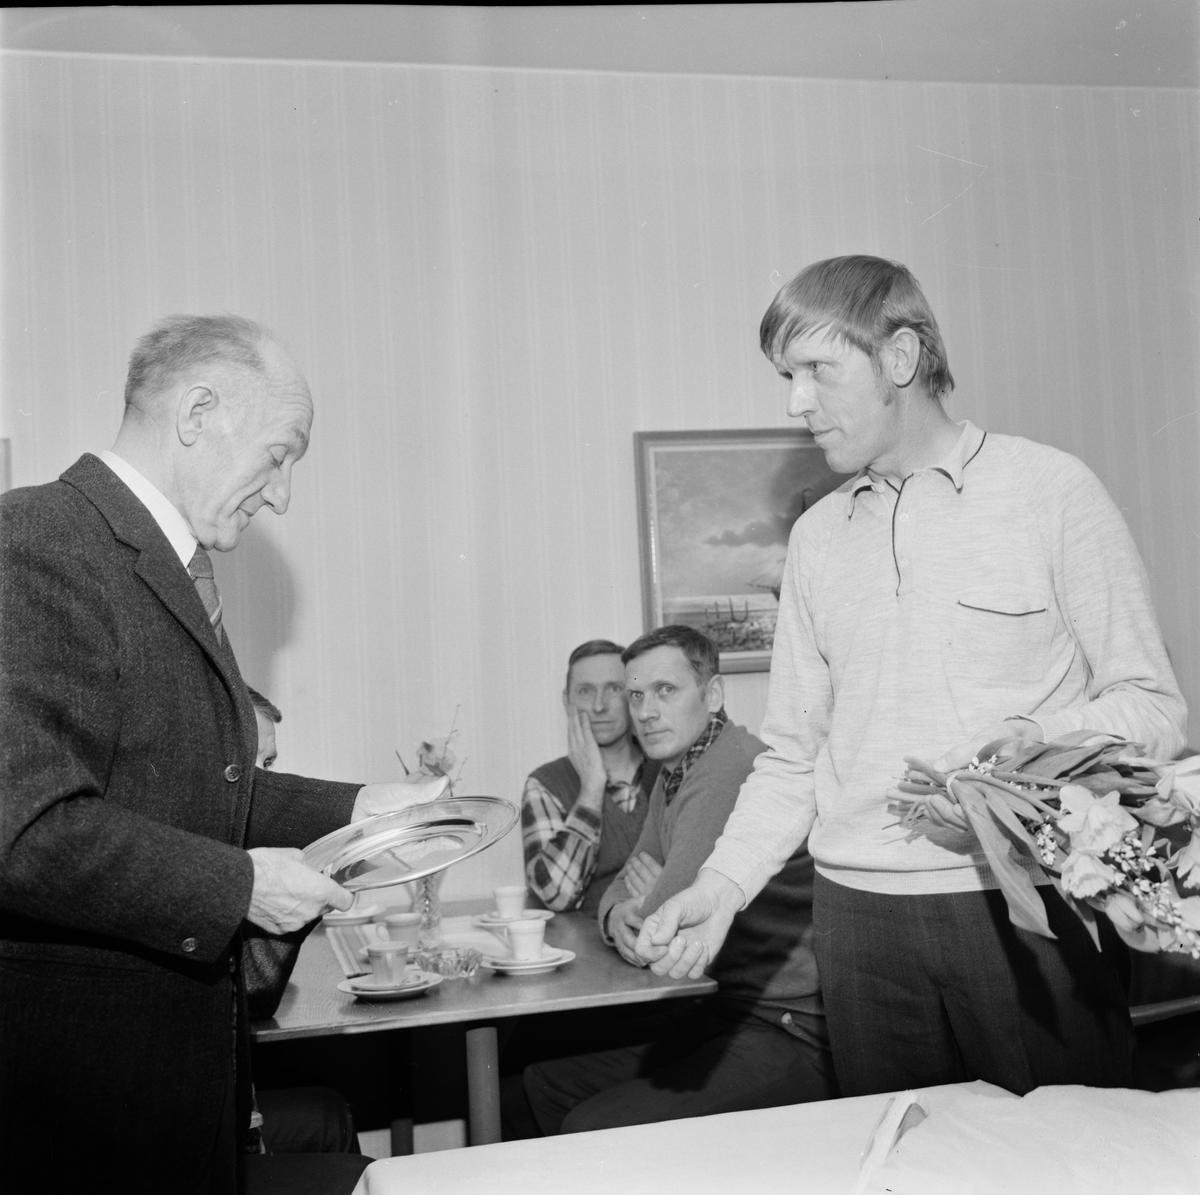 Vägunderhållare hyllad för 42 års arbete, Tierp, Uppland, april 1972